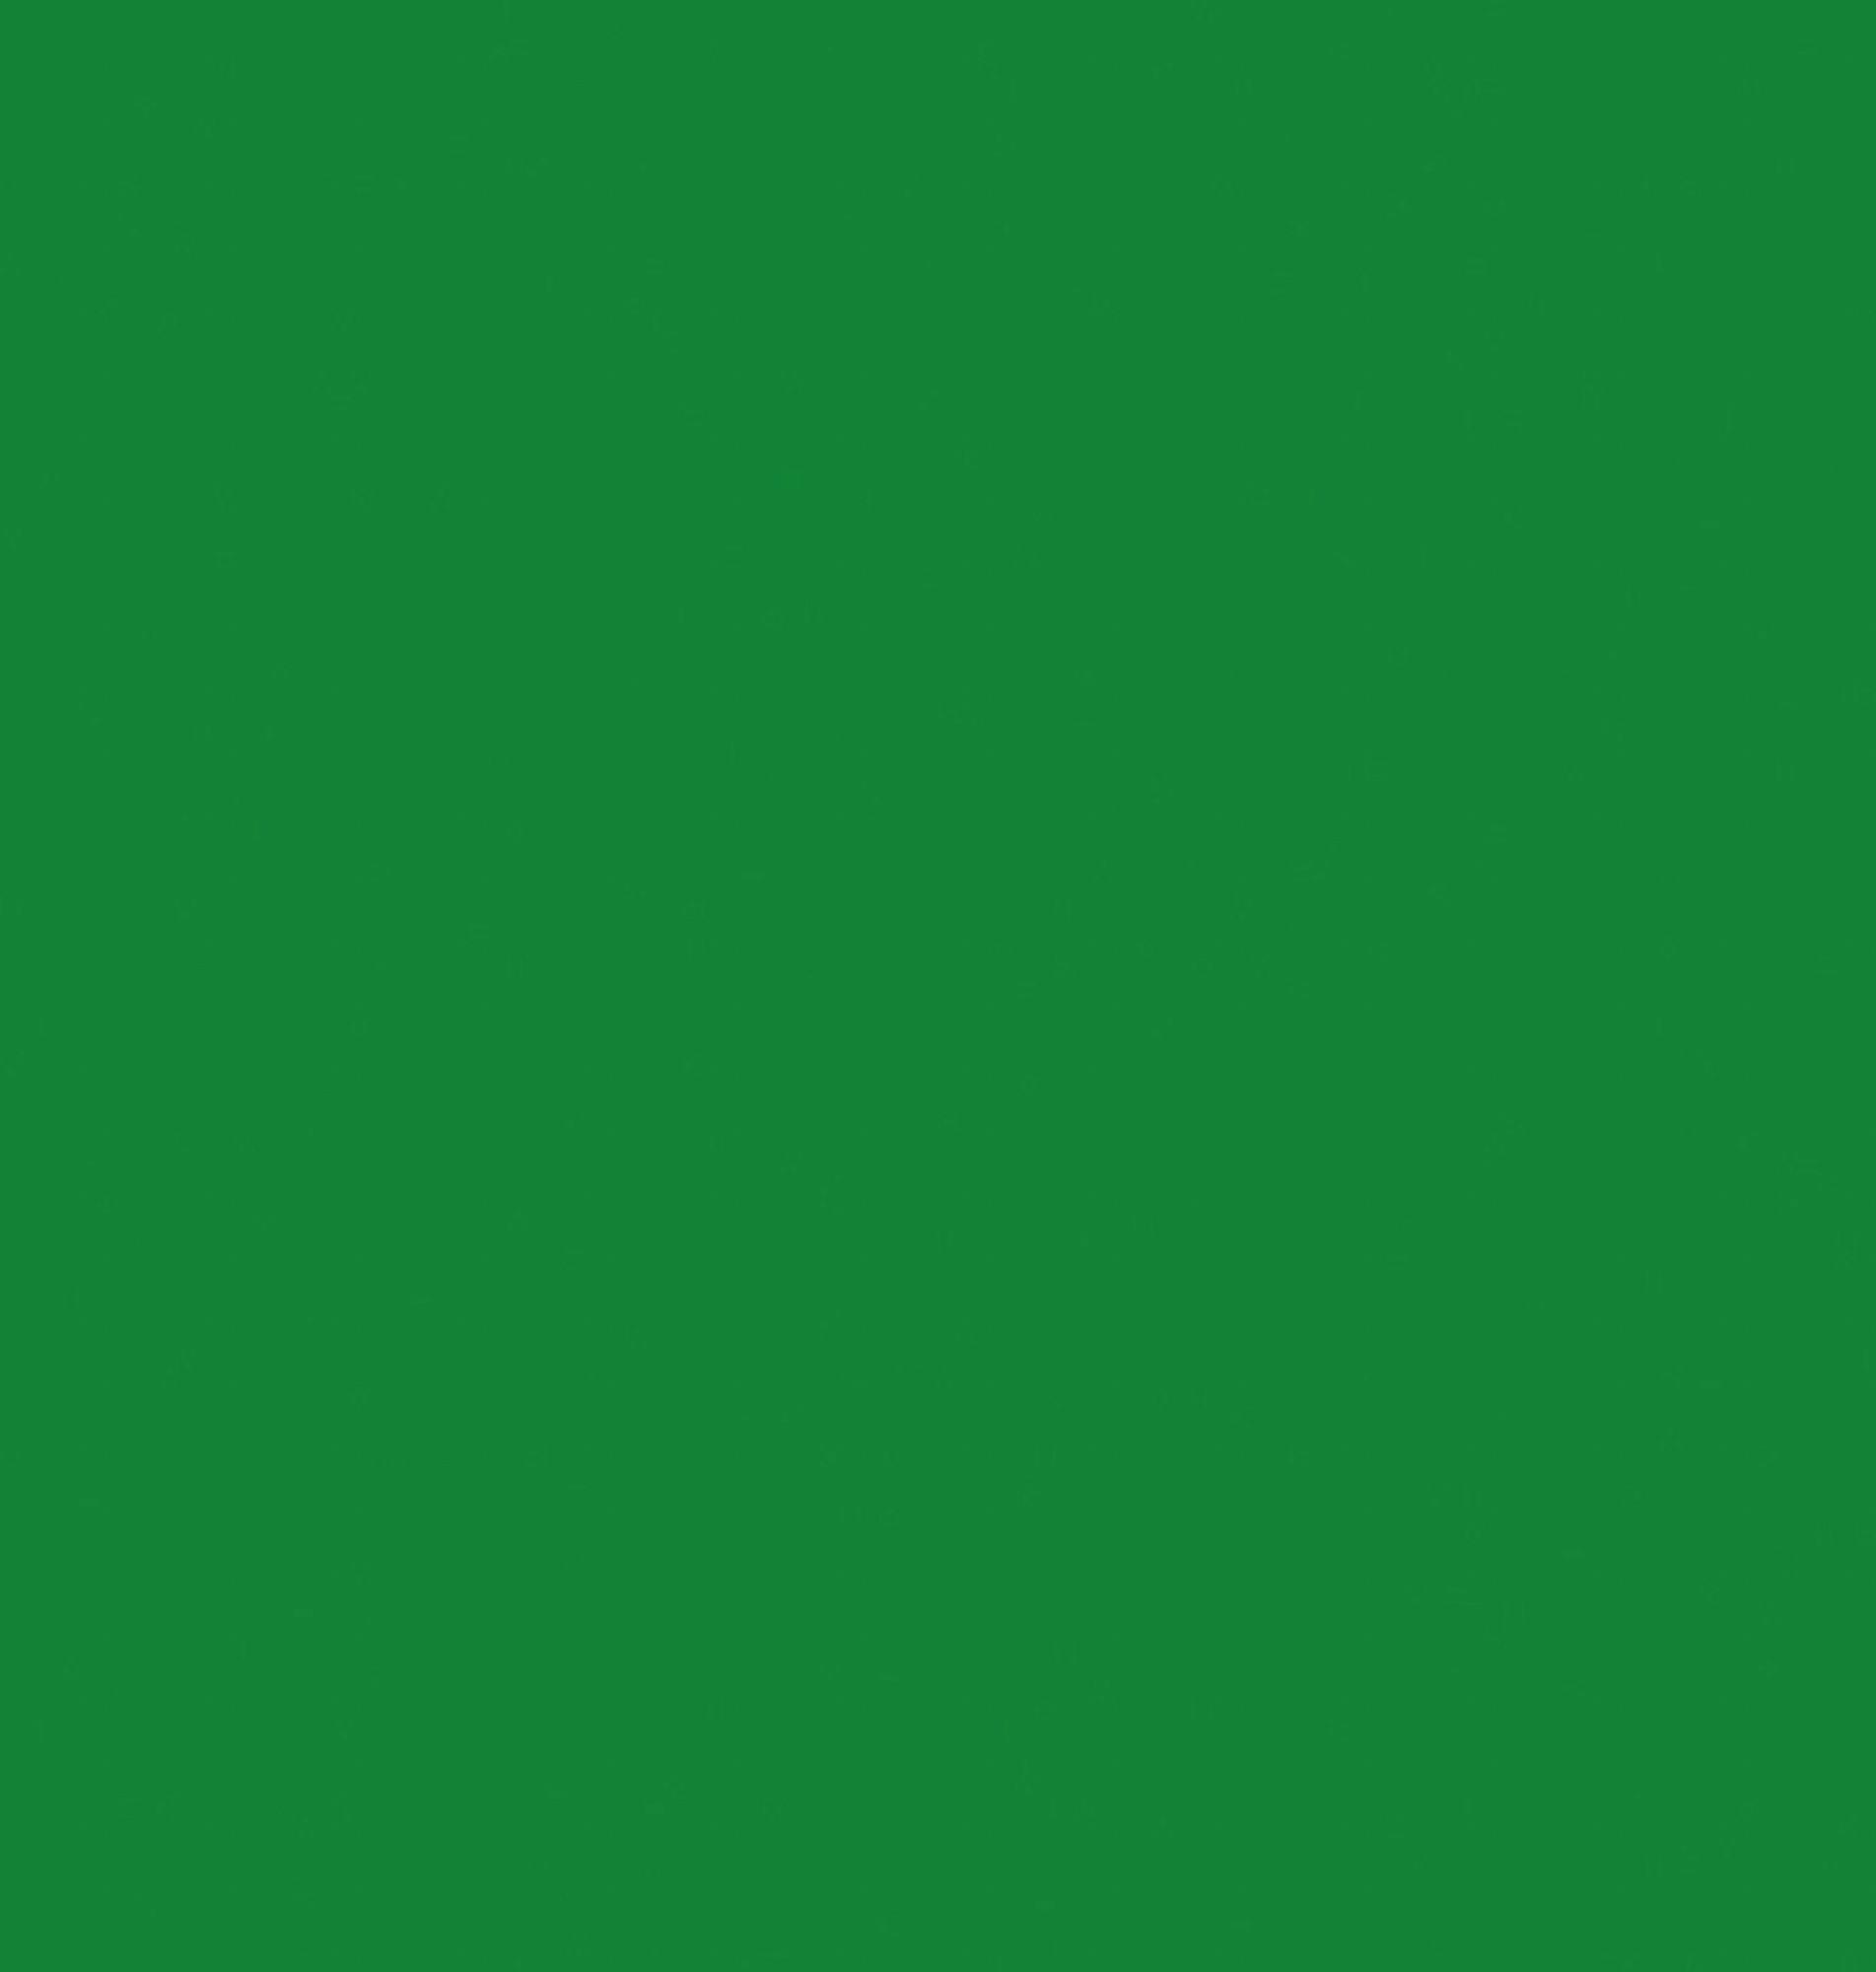 Tecido tricoline liso dohler 100% algodão verde